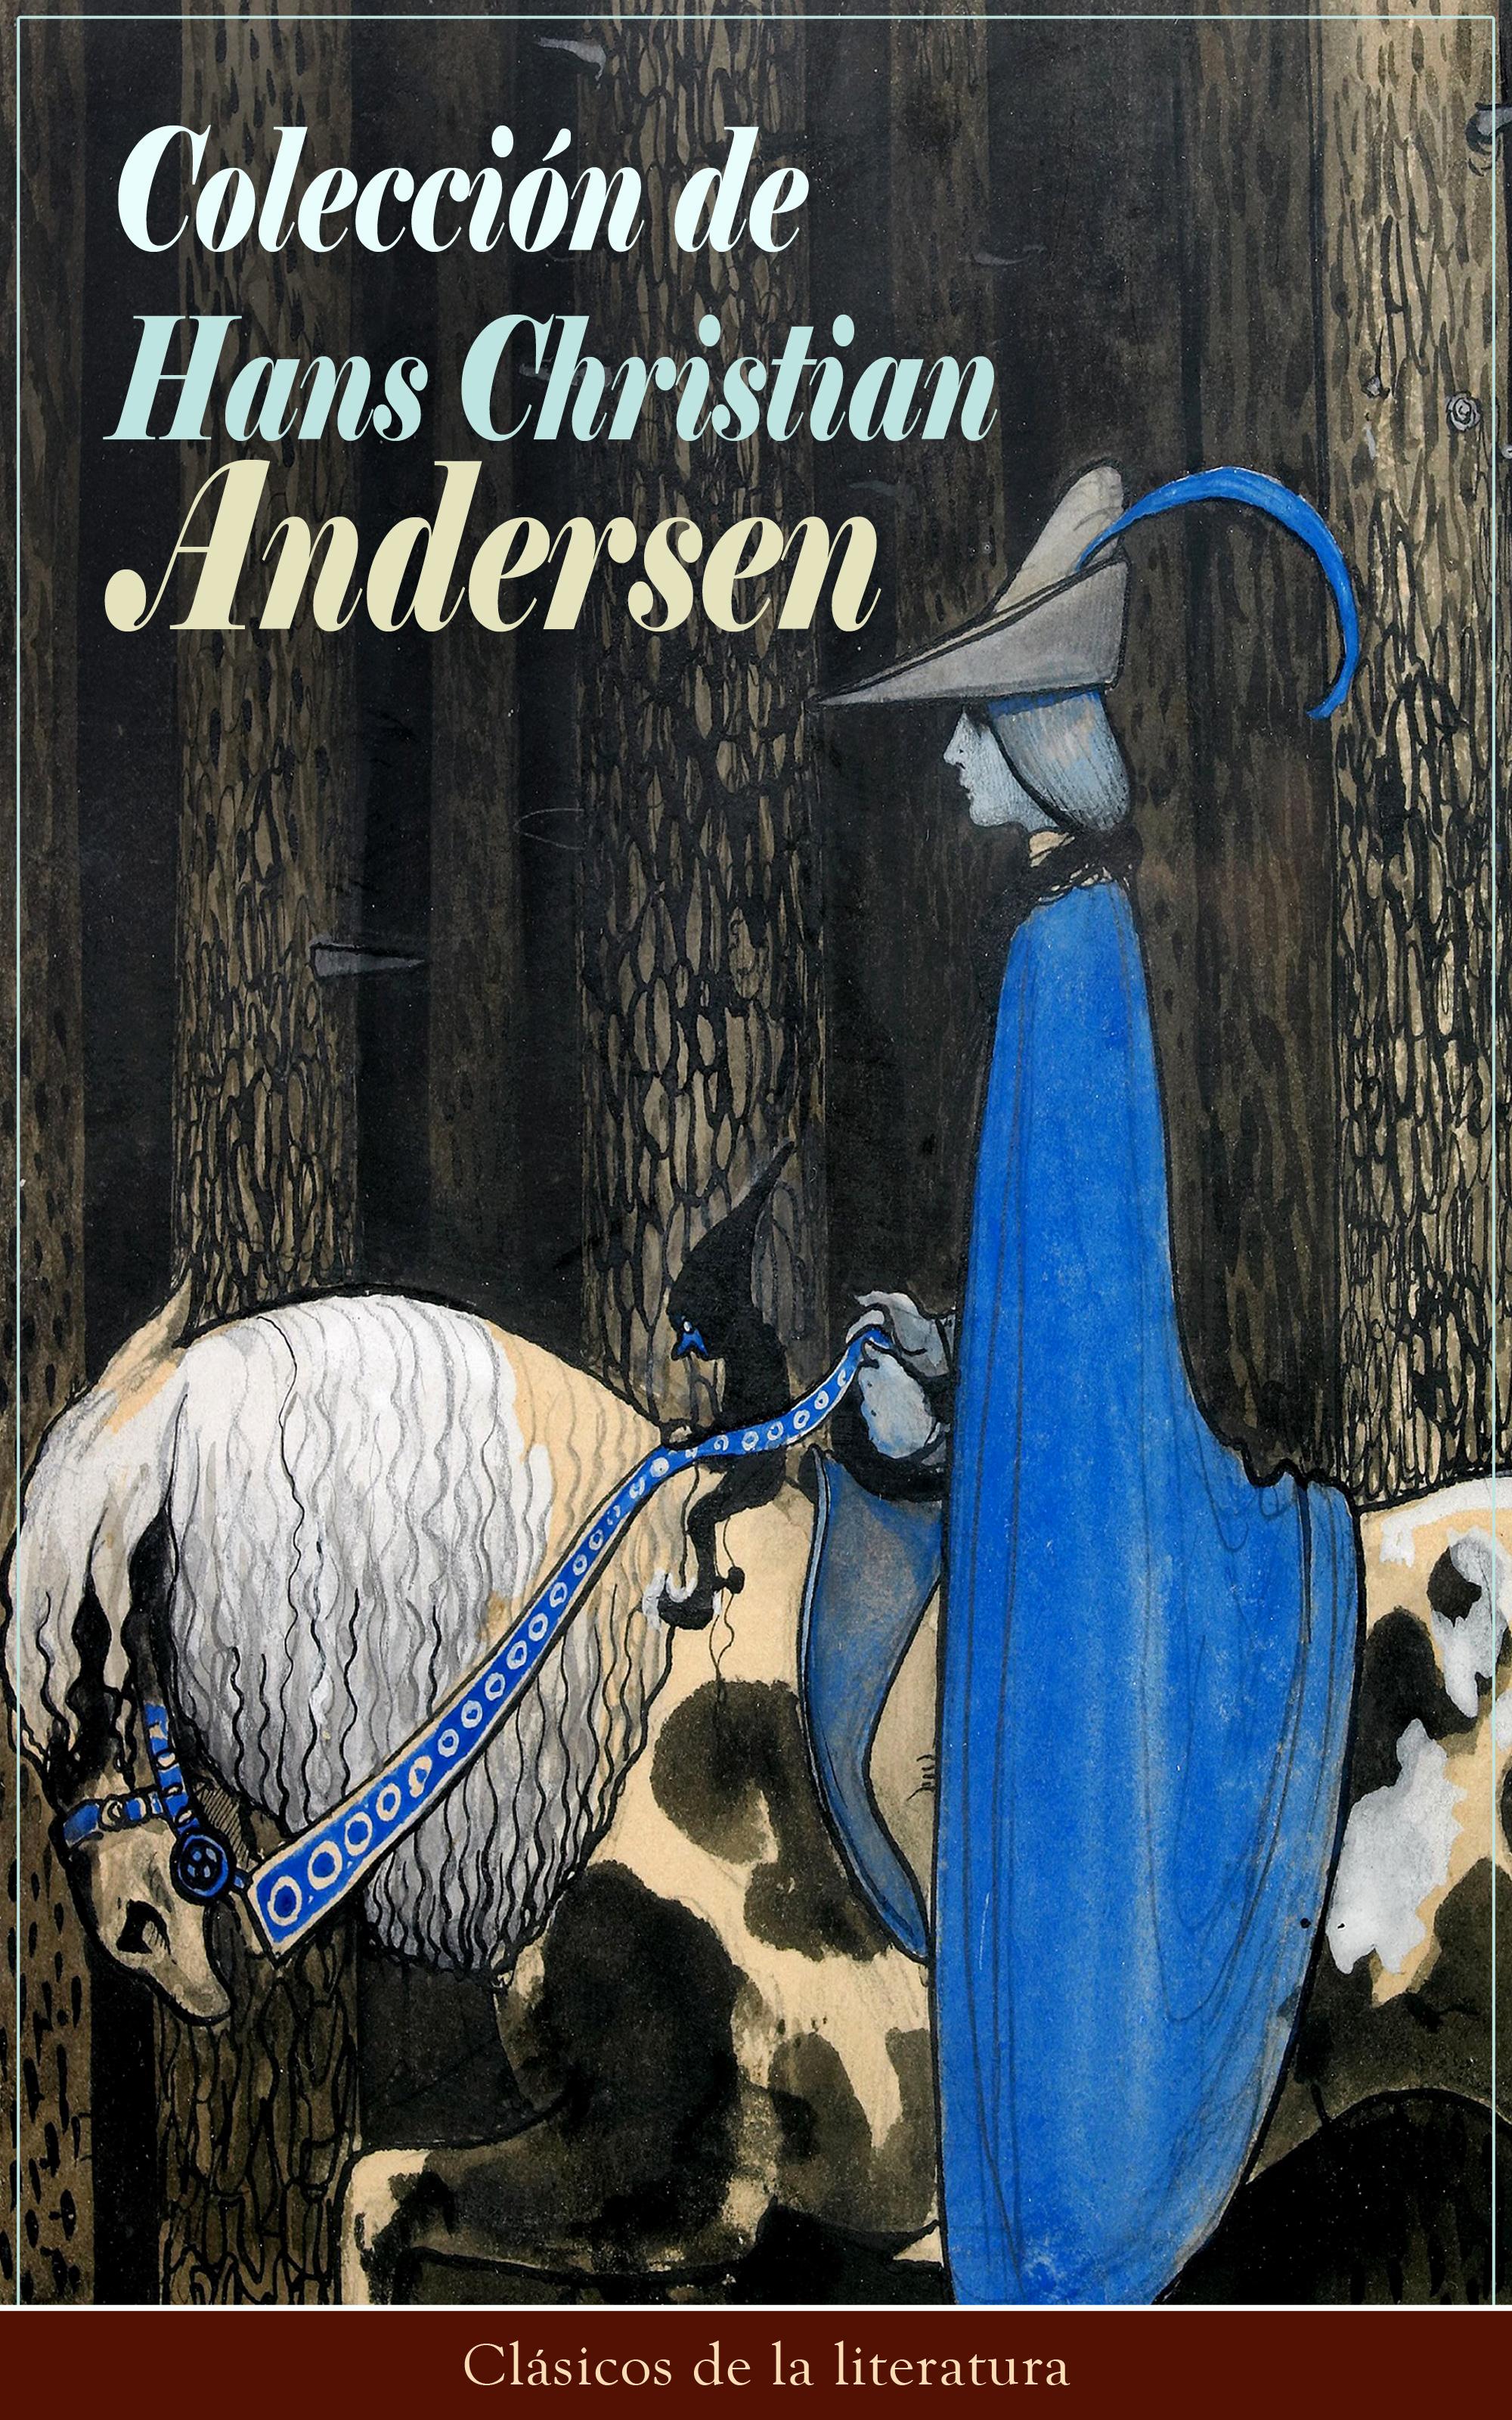 Hans Christian Andersen Colección de Hans Christian Andersen christian isobel johnstone elizabeth de bruce